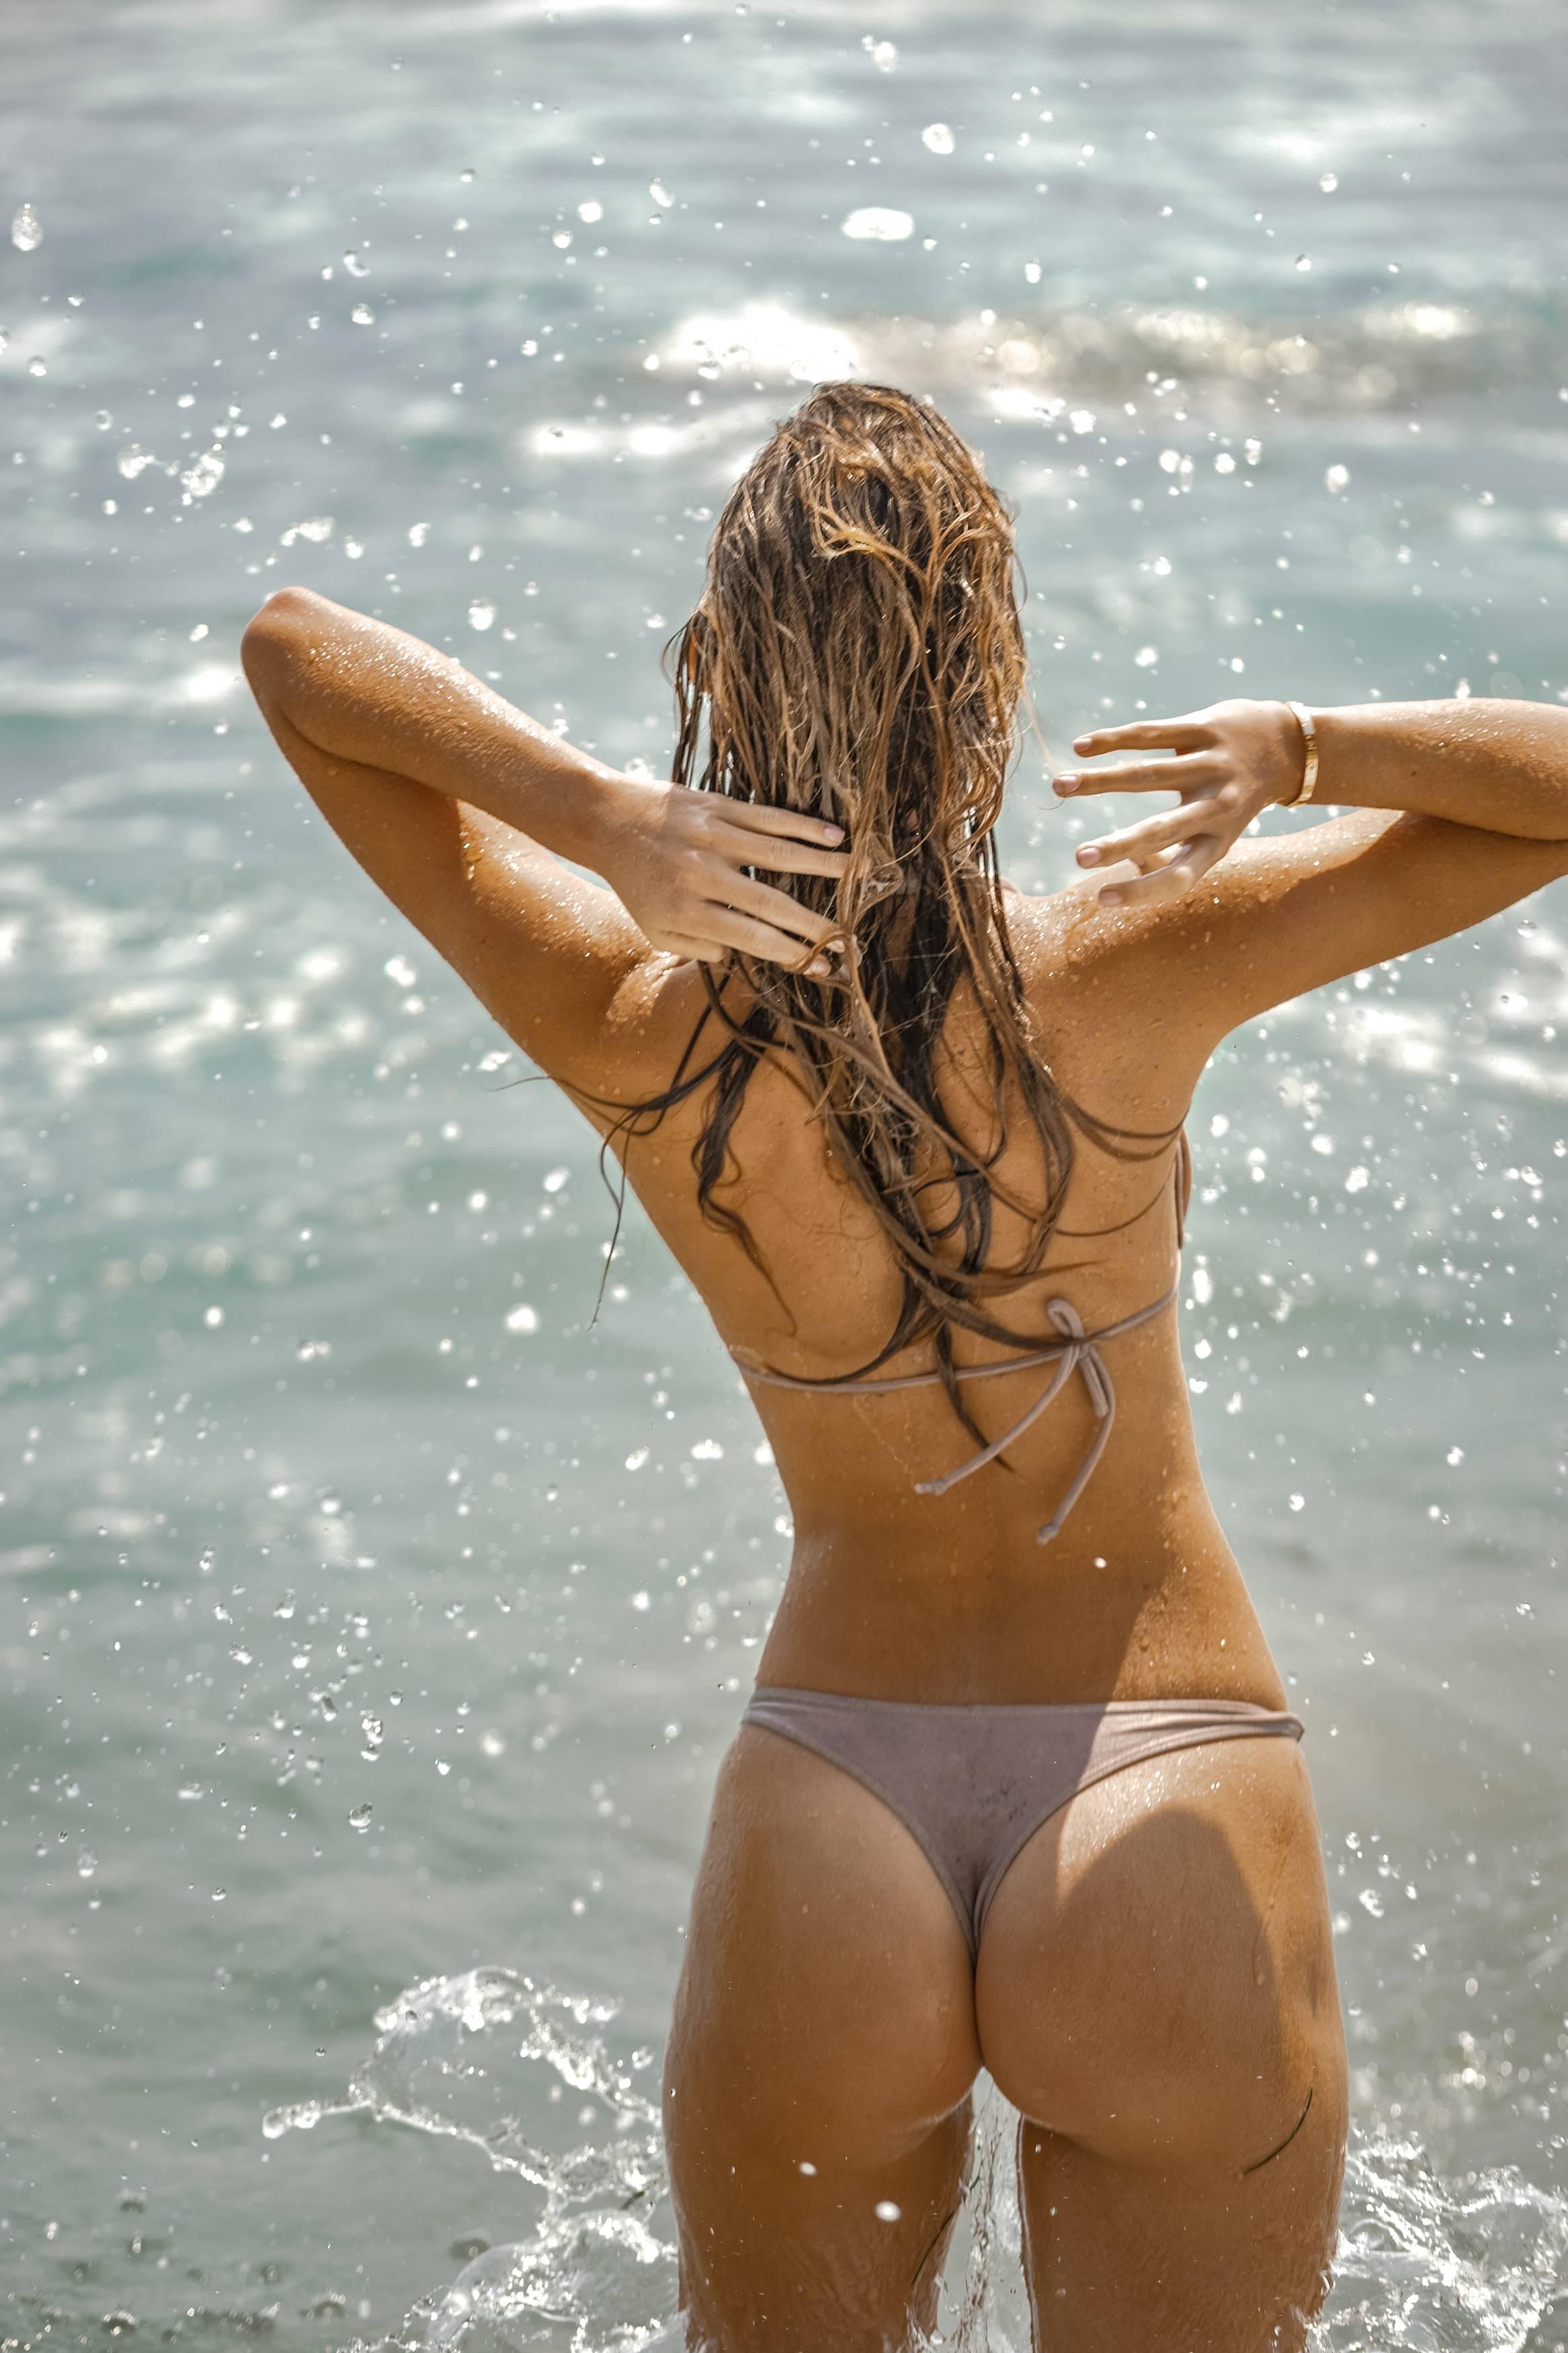 Camila Morrone Nude Pics